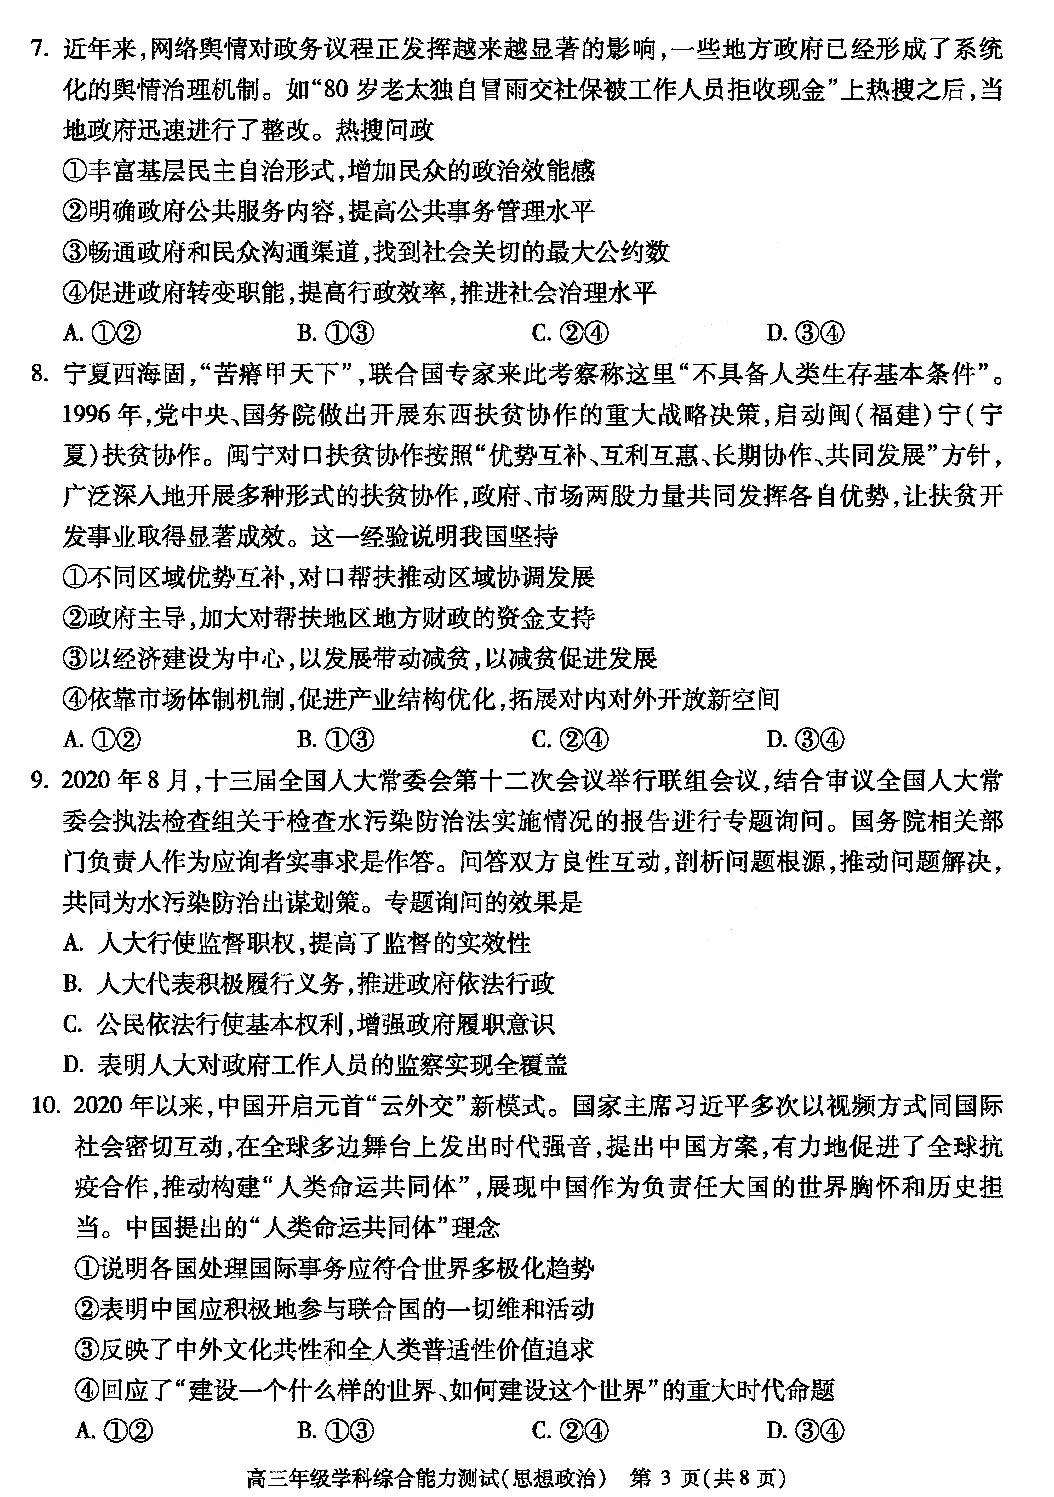 2021年北京高三开学考政治试题及答案图3